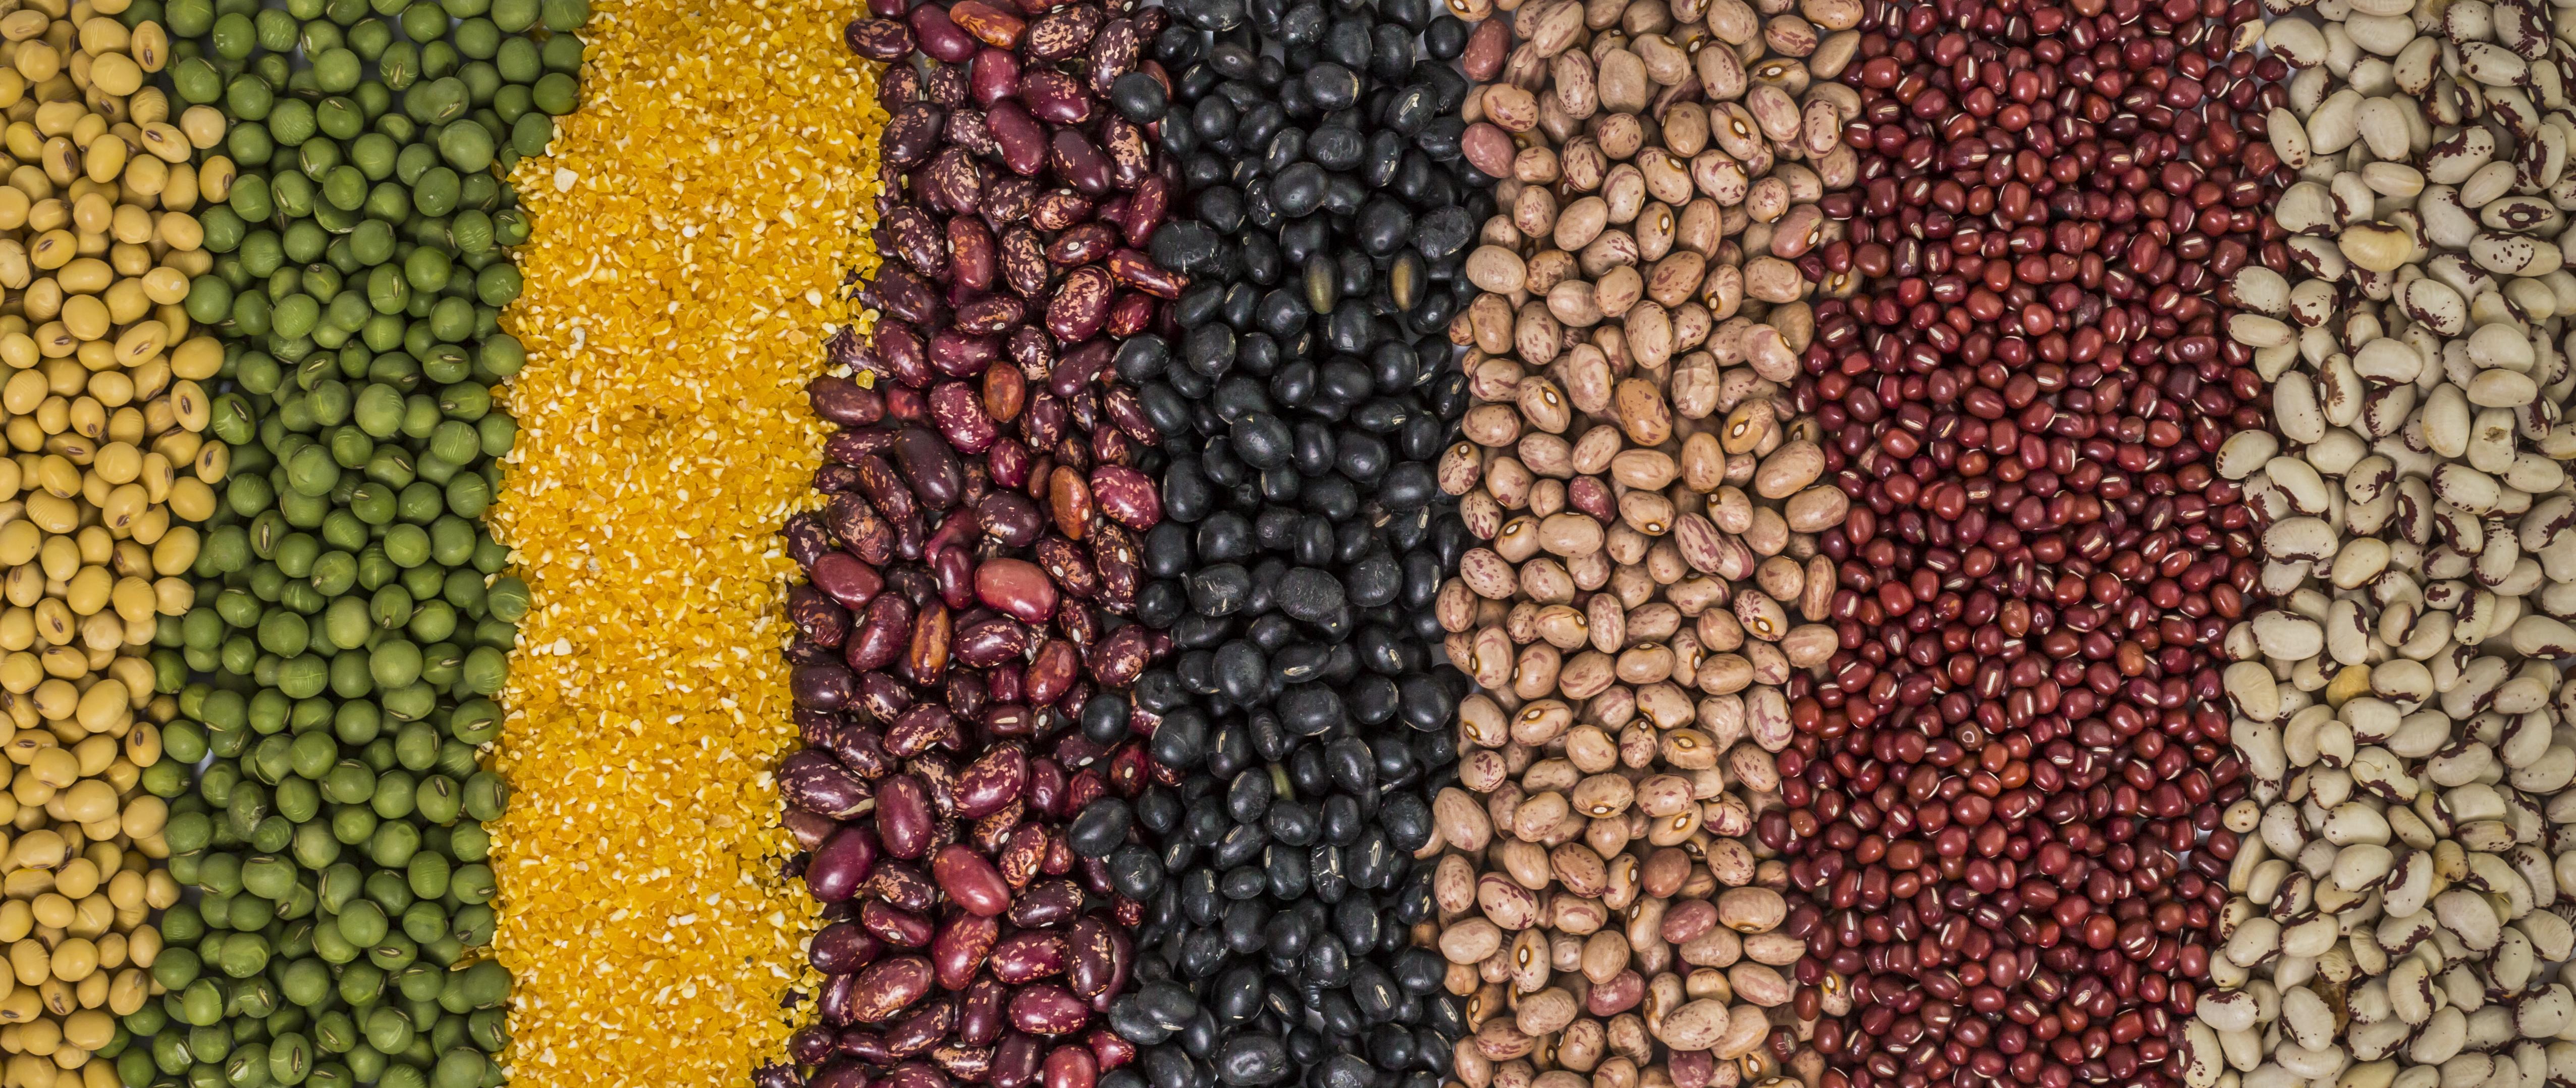 豆制品对于白癜风患者有什么帮助呢?